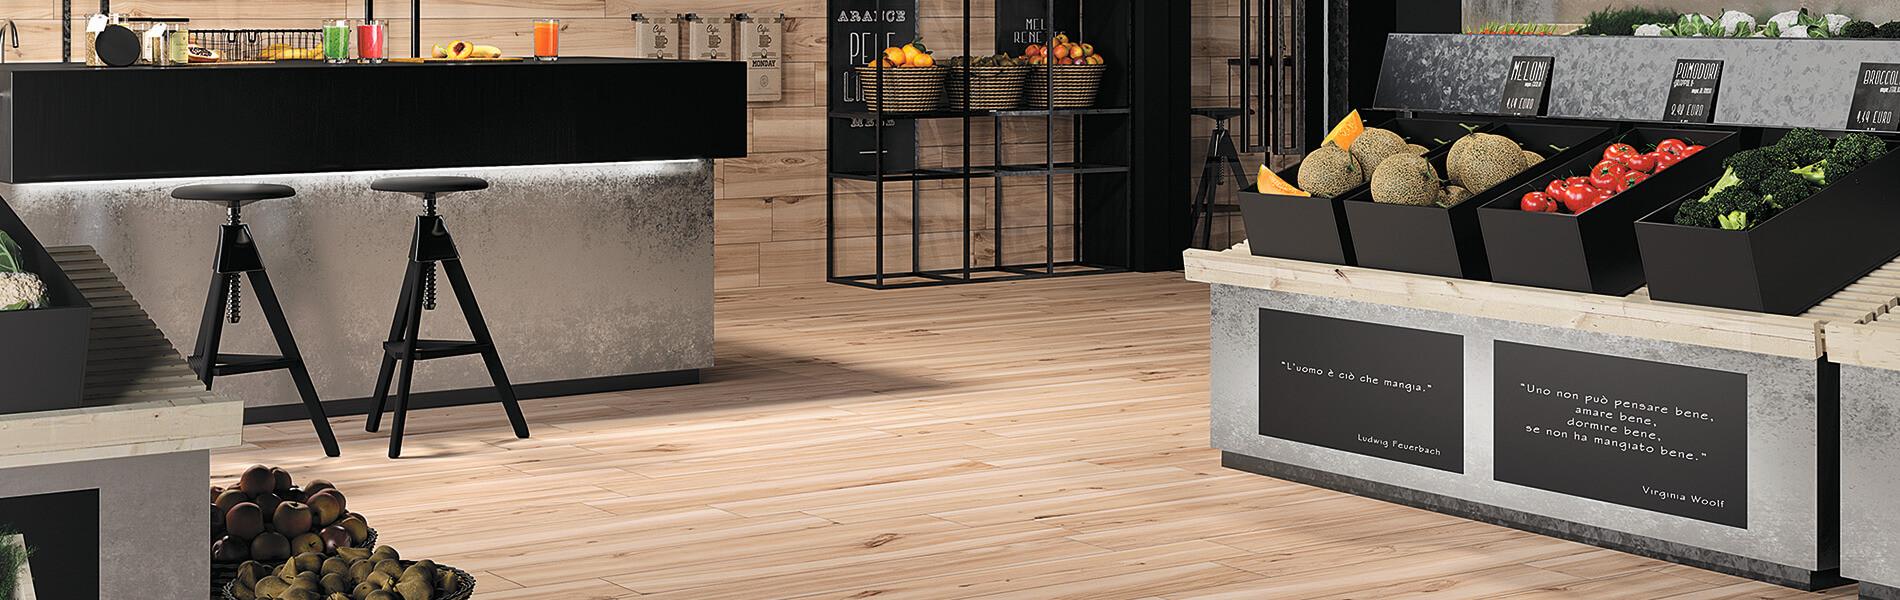 hardwood flooring minneapolis wholesale of tile showrooms distributor in the upper midwest kate lo tile stone throughout koru wood look porcelain floor tile